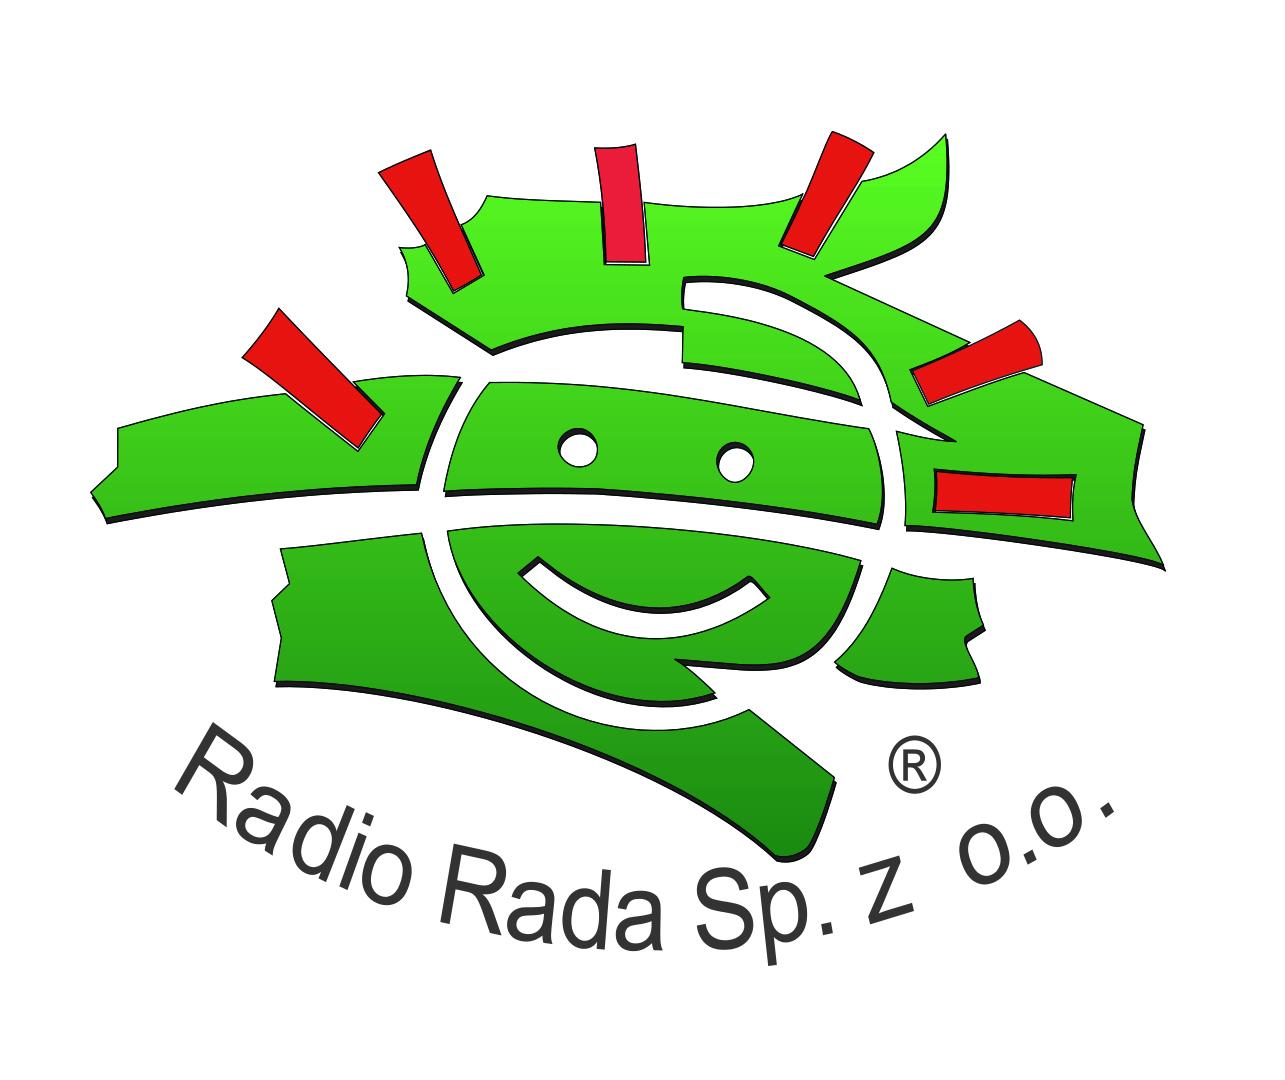 (Polski) Radio Rada